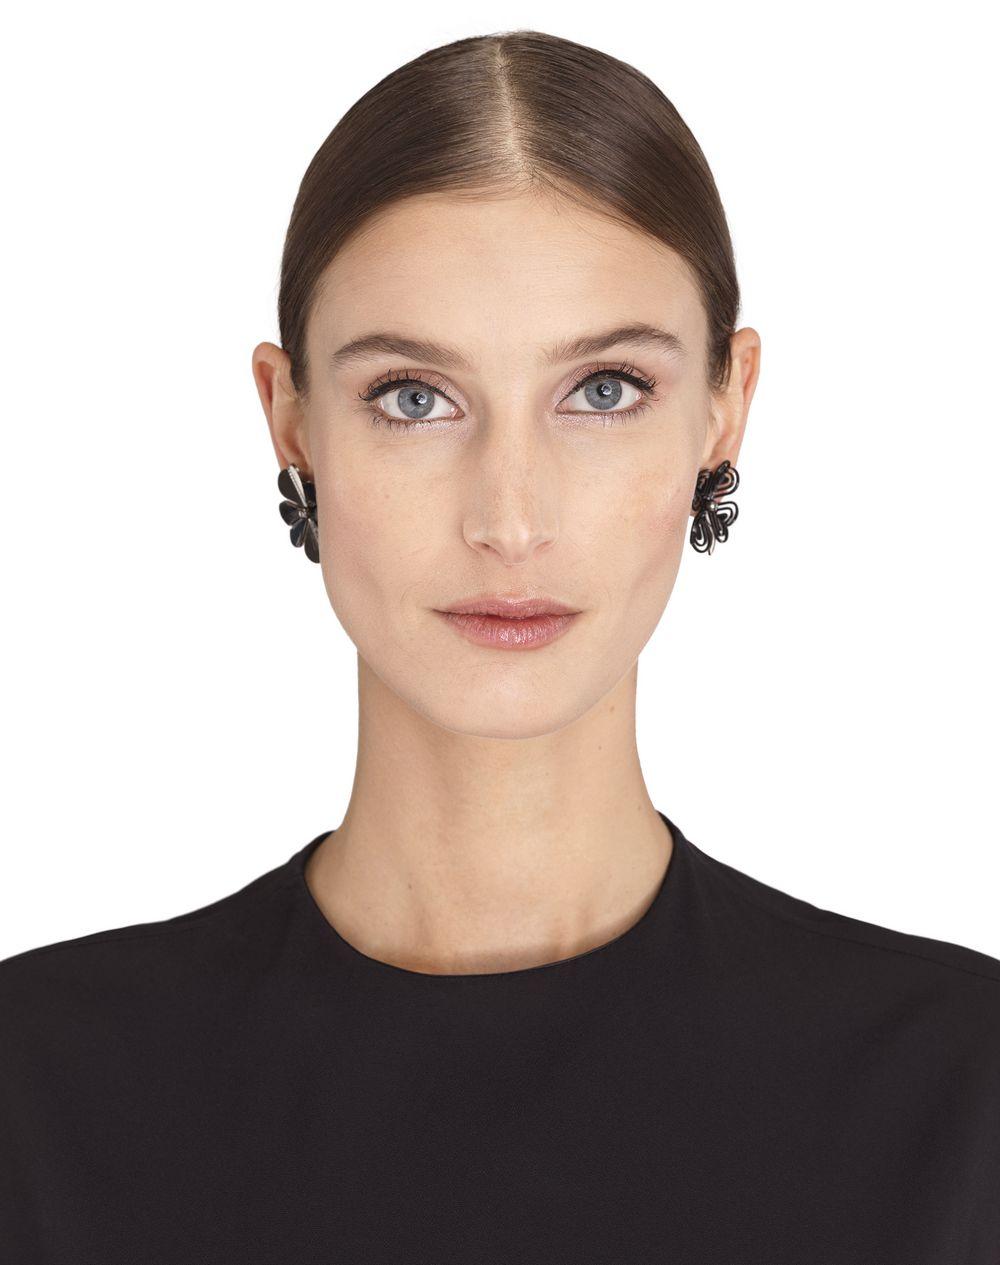 ASYMMETRICAL COSMIC CLOVER EARRINGS - Lanvin